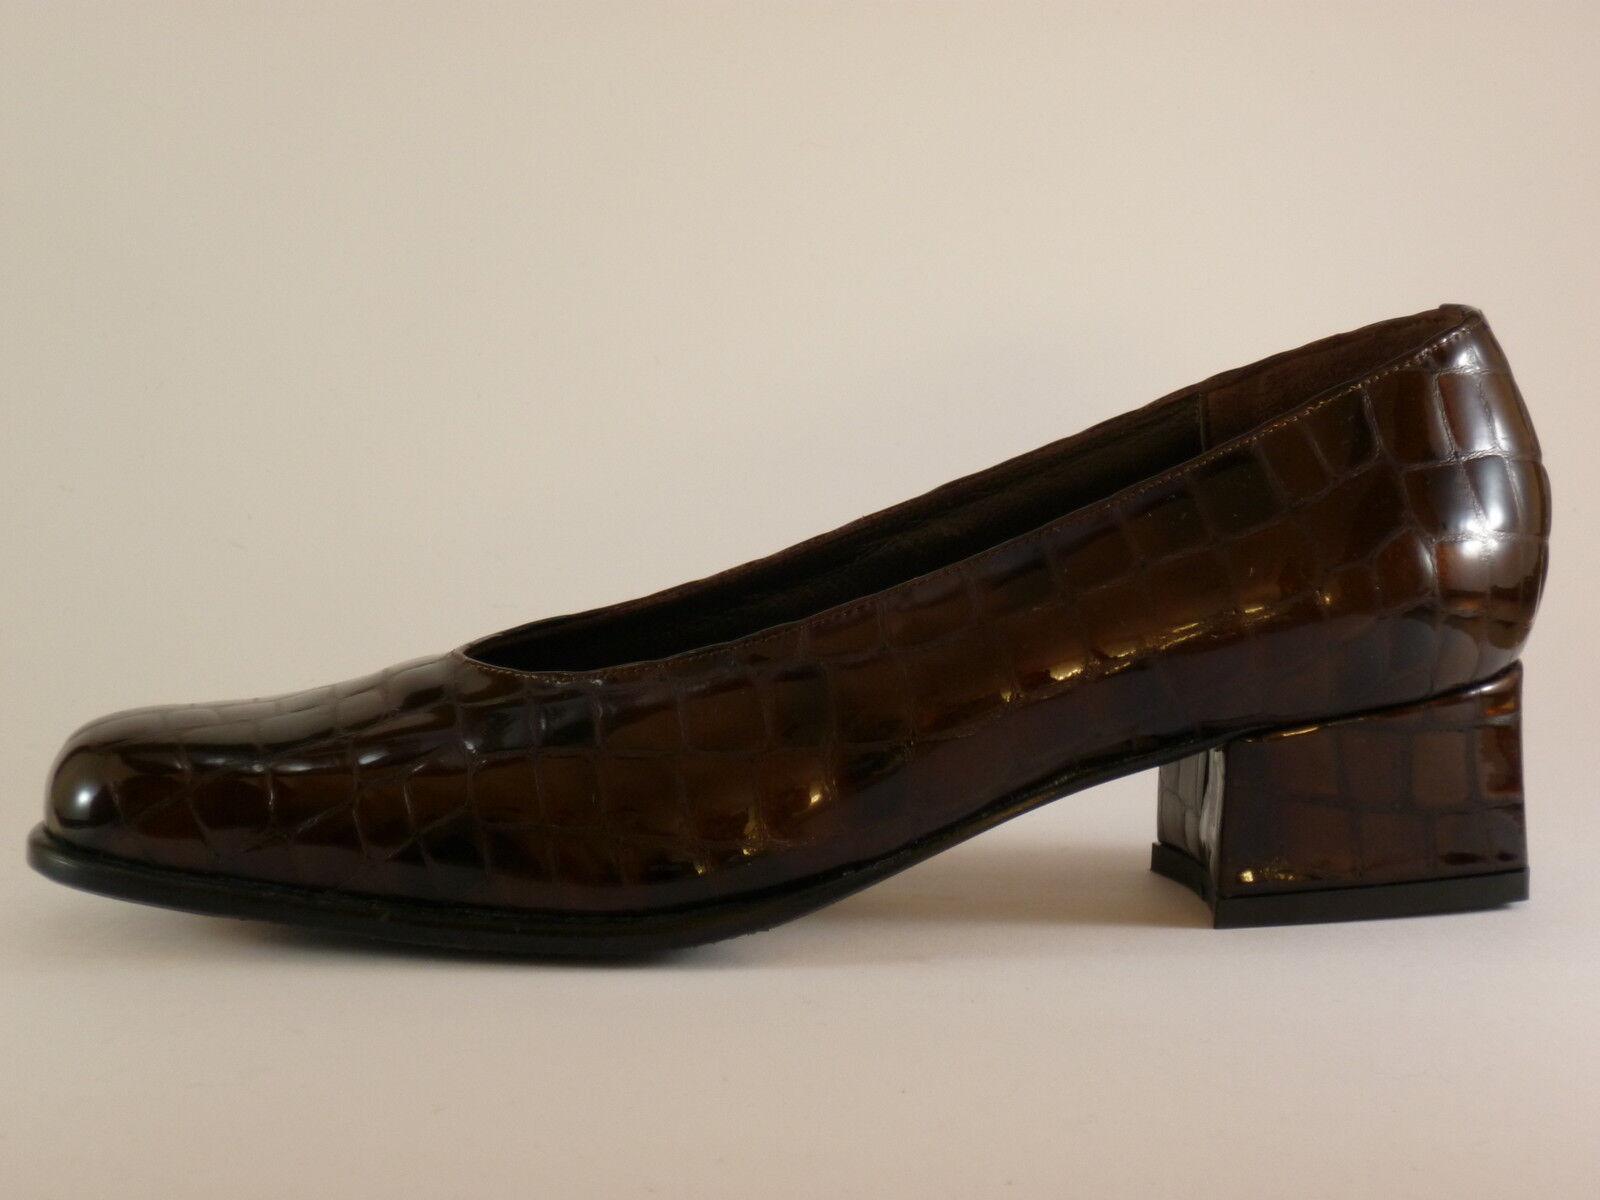 Damen CALAFIORE NEU Pumps Braun Leder Lack 37 36 Schuhe